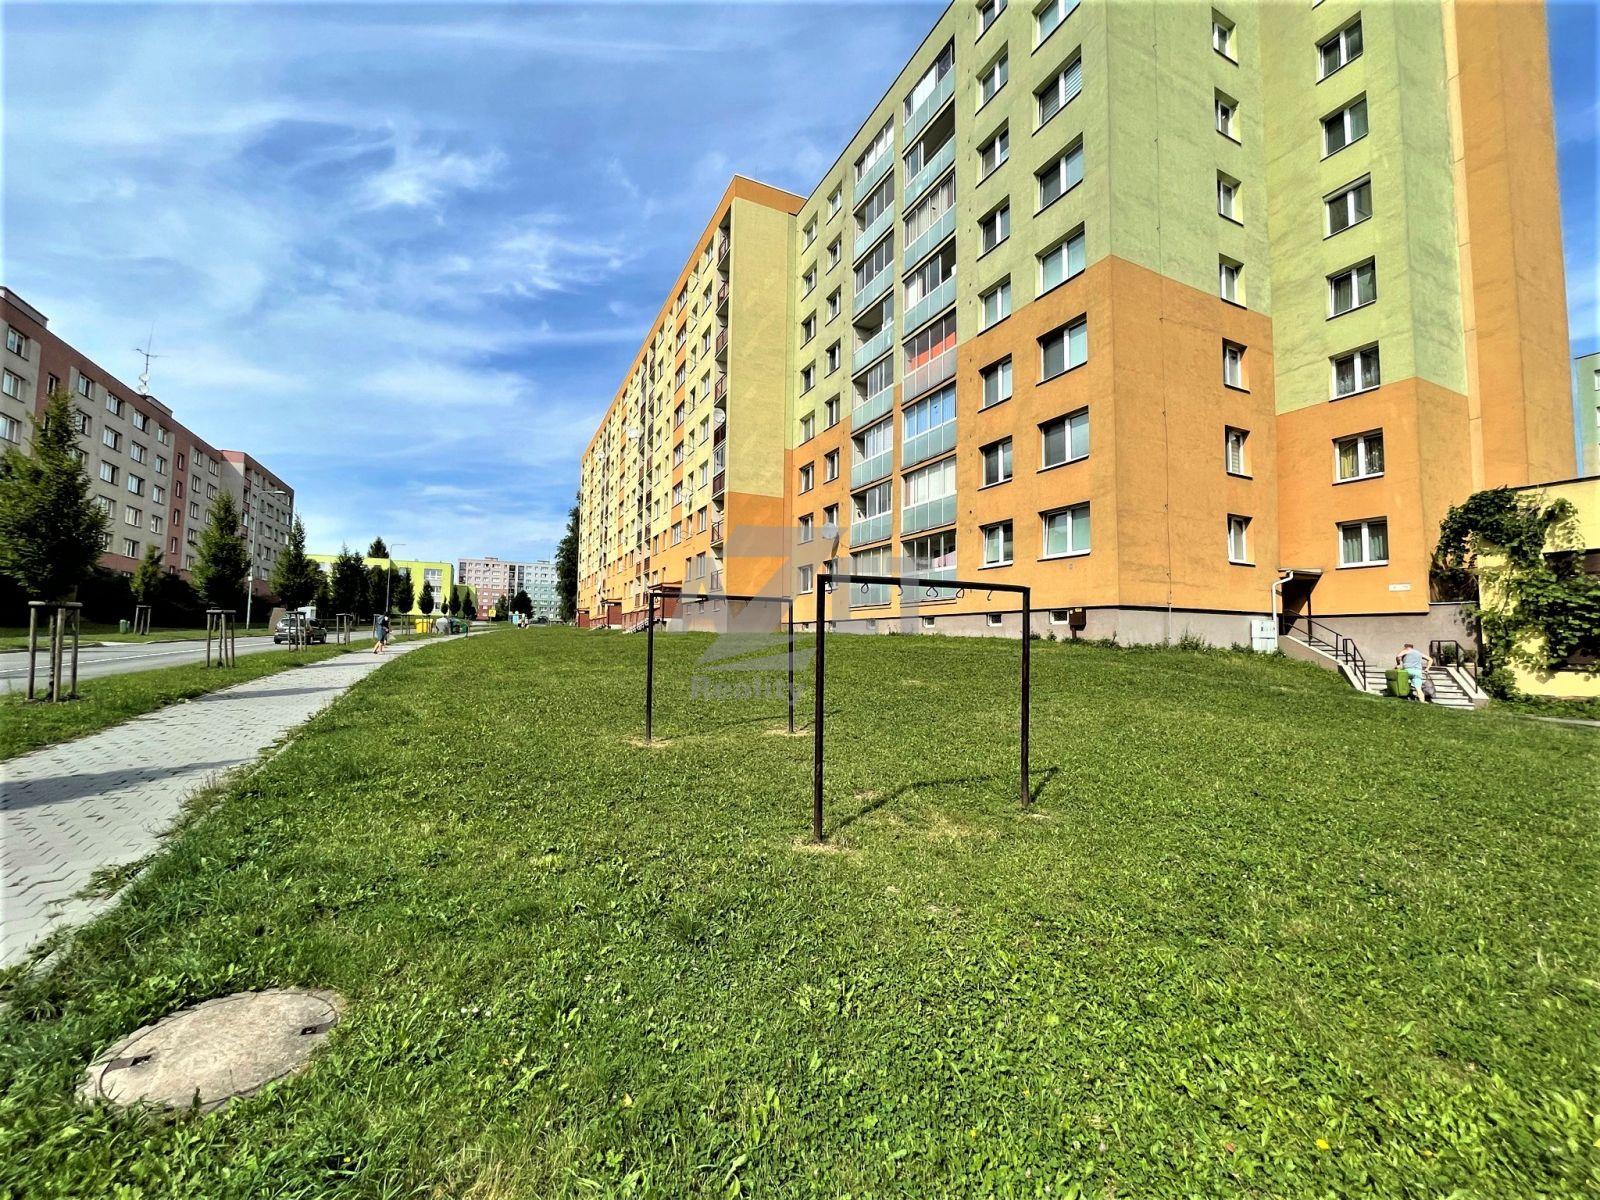 Prodej, byt 3+1, 68 m2, Havířov-Šumbark, ul. Marie Pujmanové